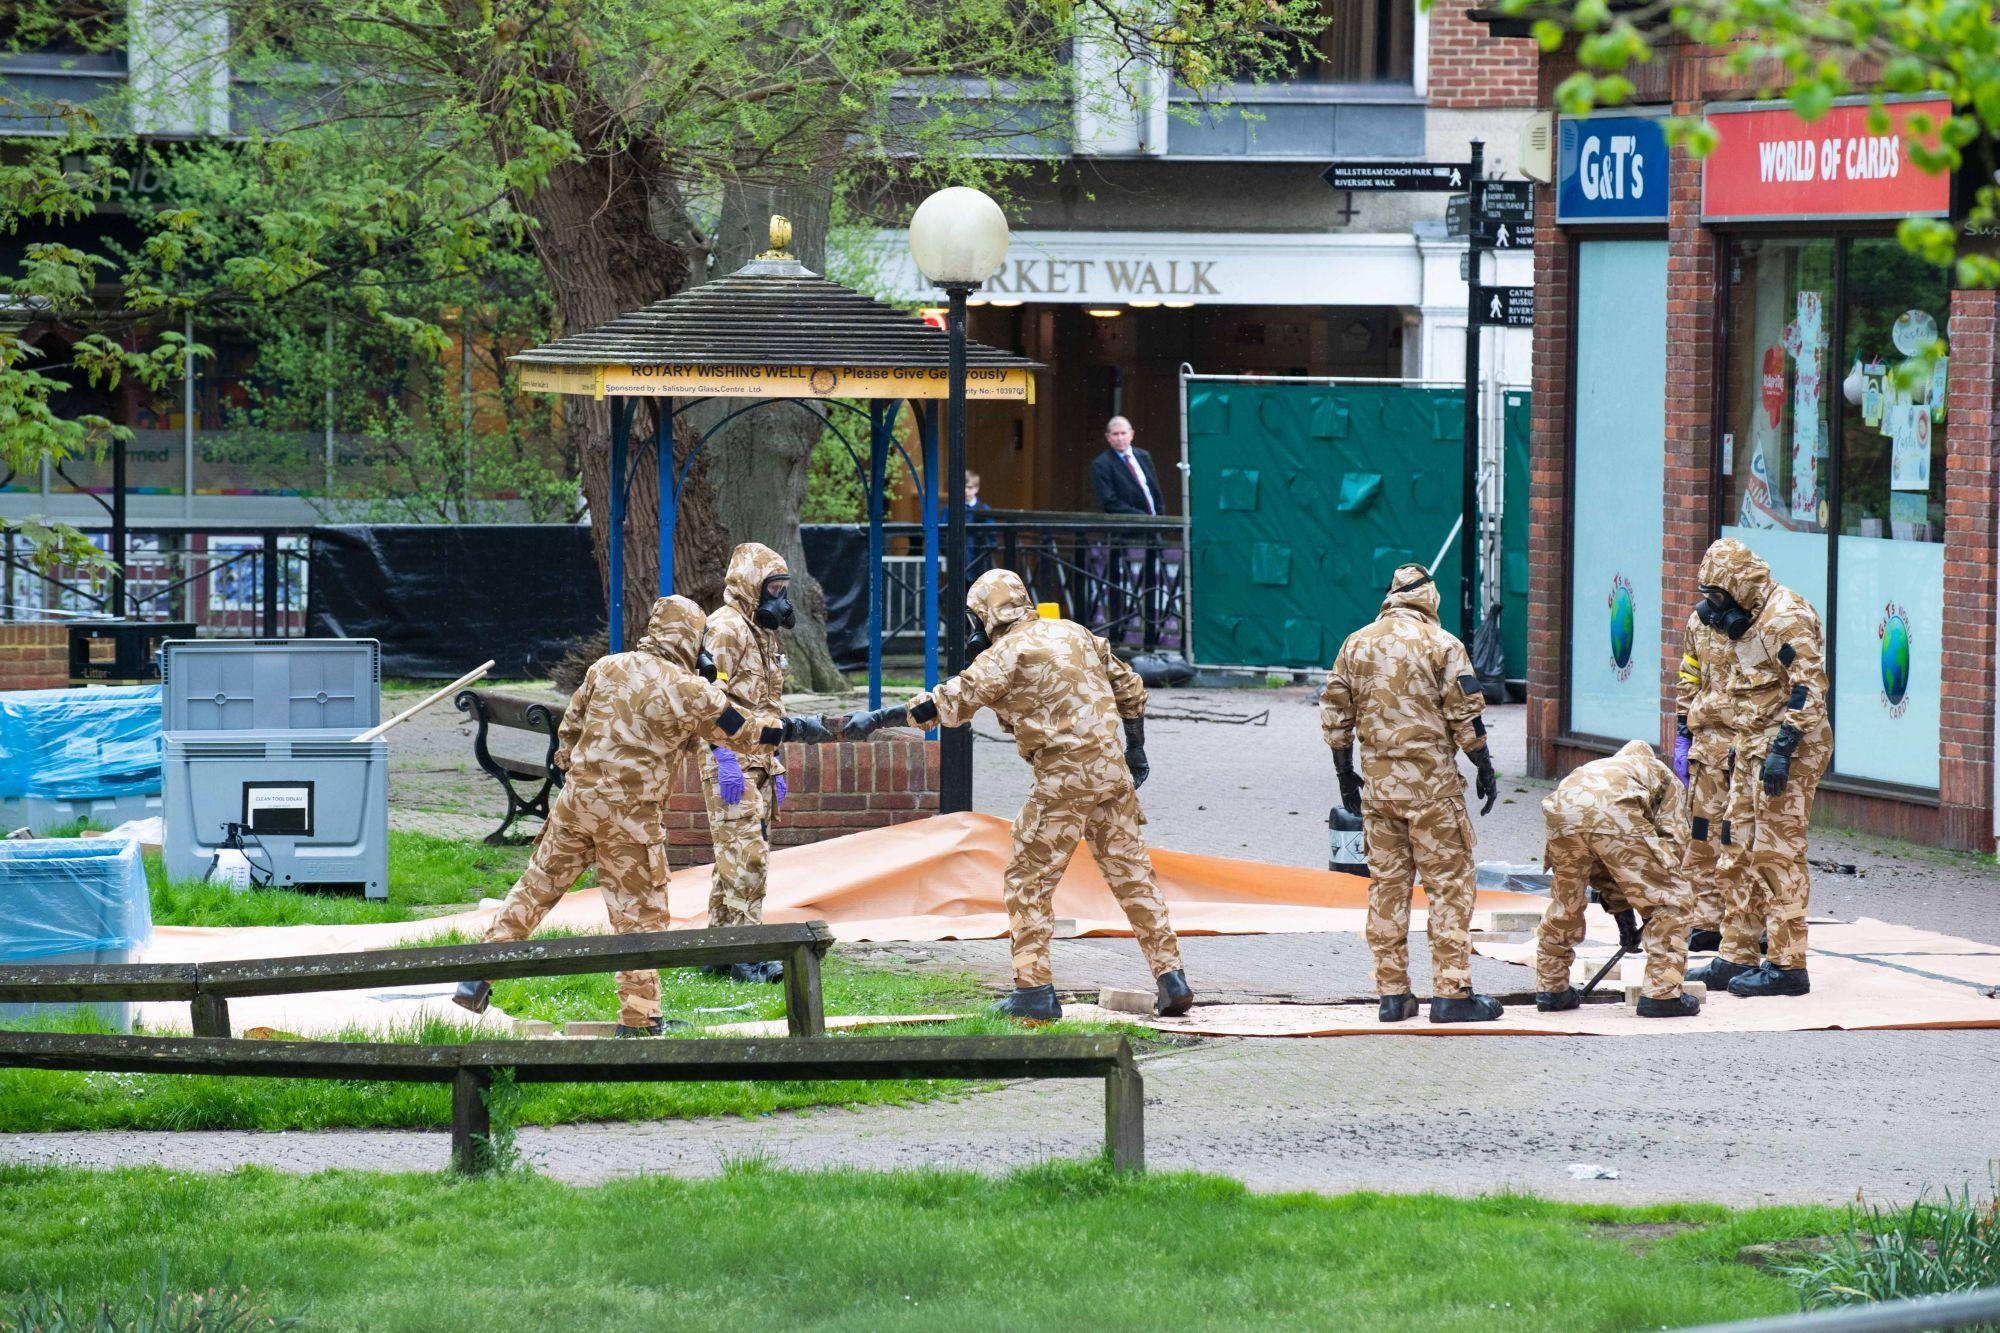 A brit védelmi minisztérium által kiadott fotón a brit hadsereg emberei dolgoznak a Maltings Shopping Centre környékén, Salisbury-ben, Nagy-Britanniában, 2018. április 24-én. EPA/CPL PETE BROWN / BRITISH MINISTRY OF DEFENCE